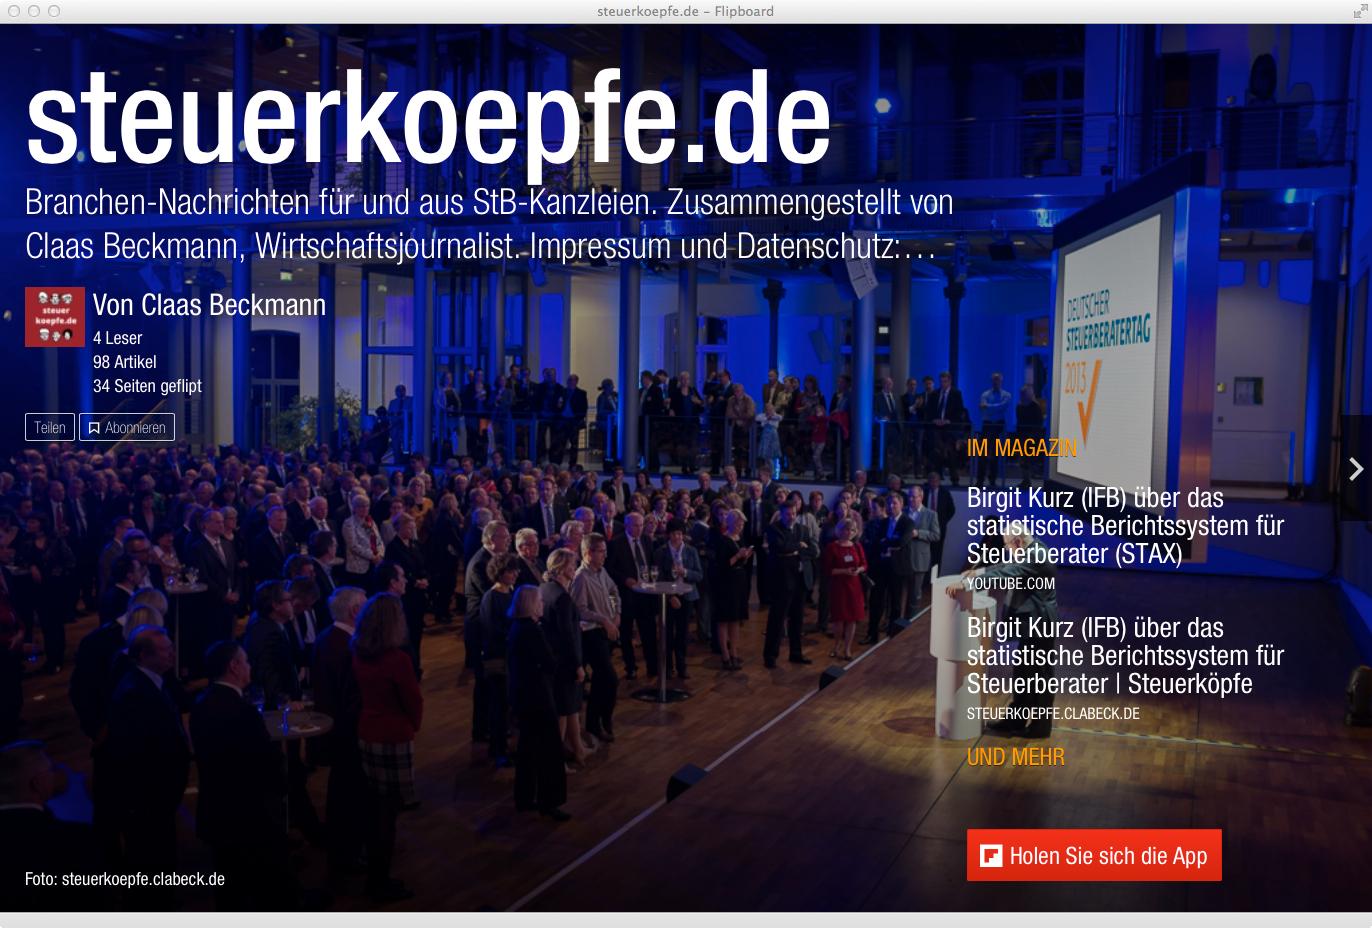 steuerkoepfe.de auf Flipboard